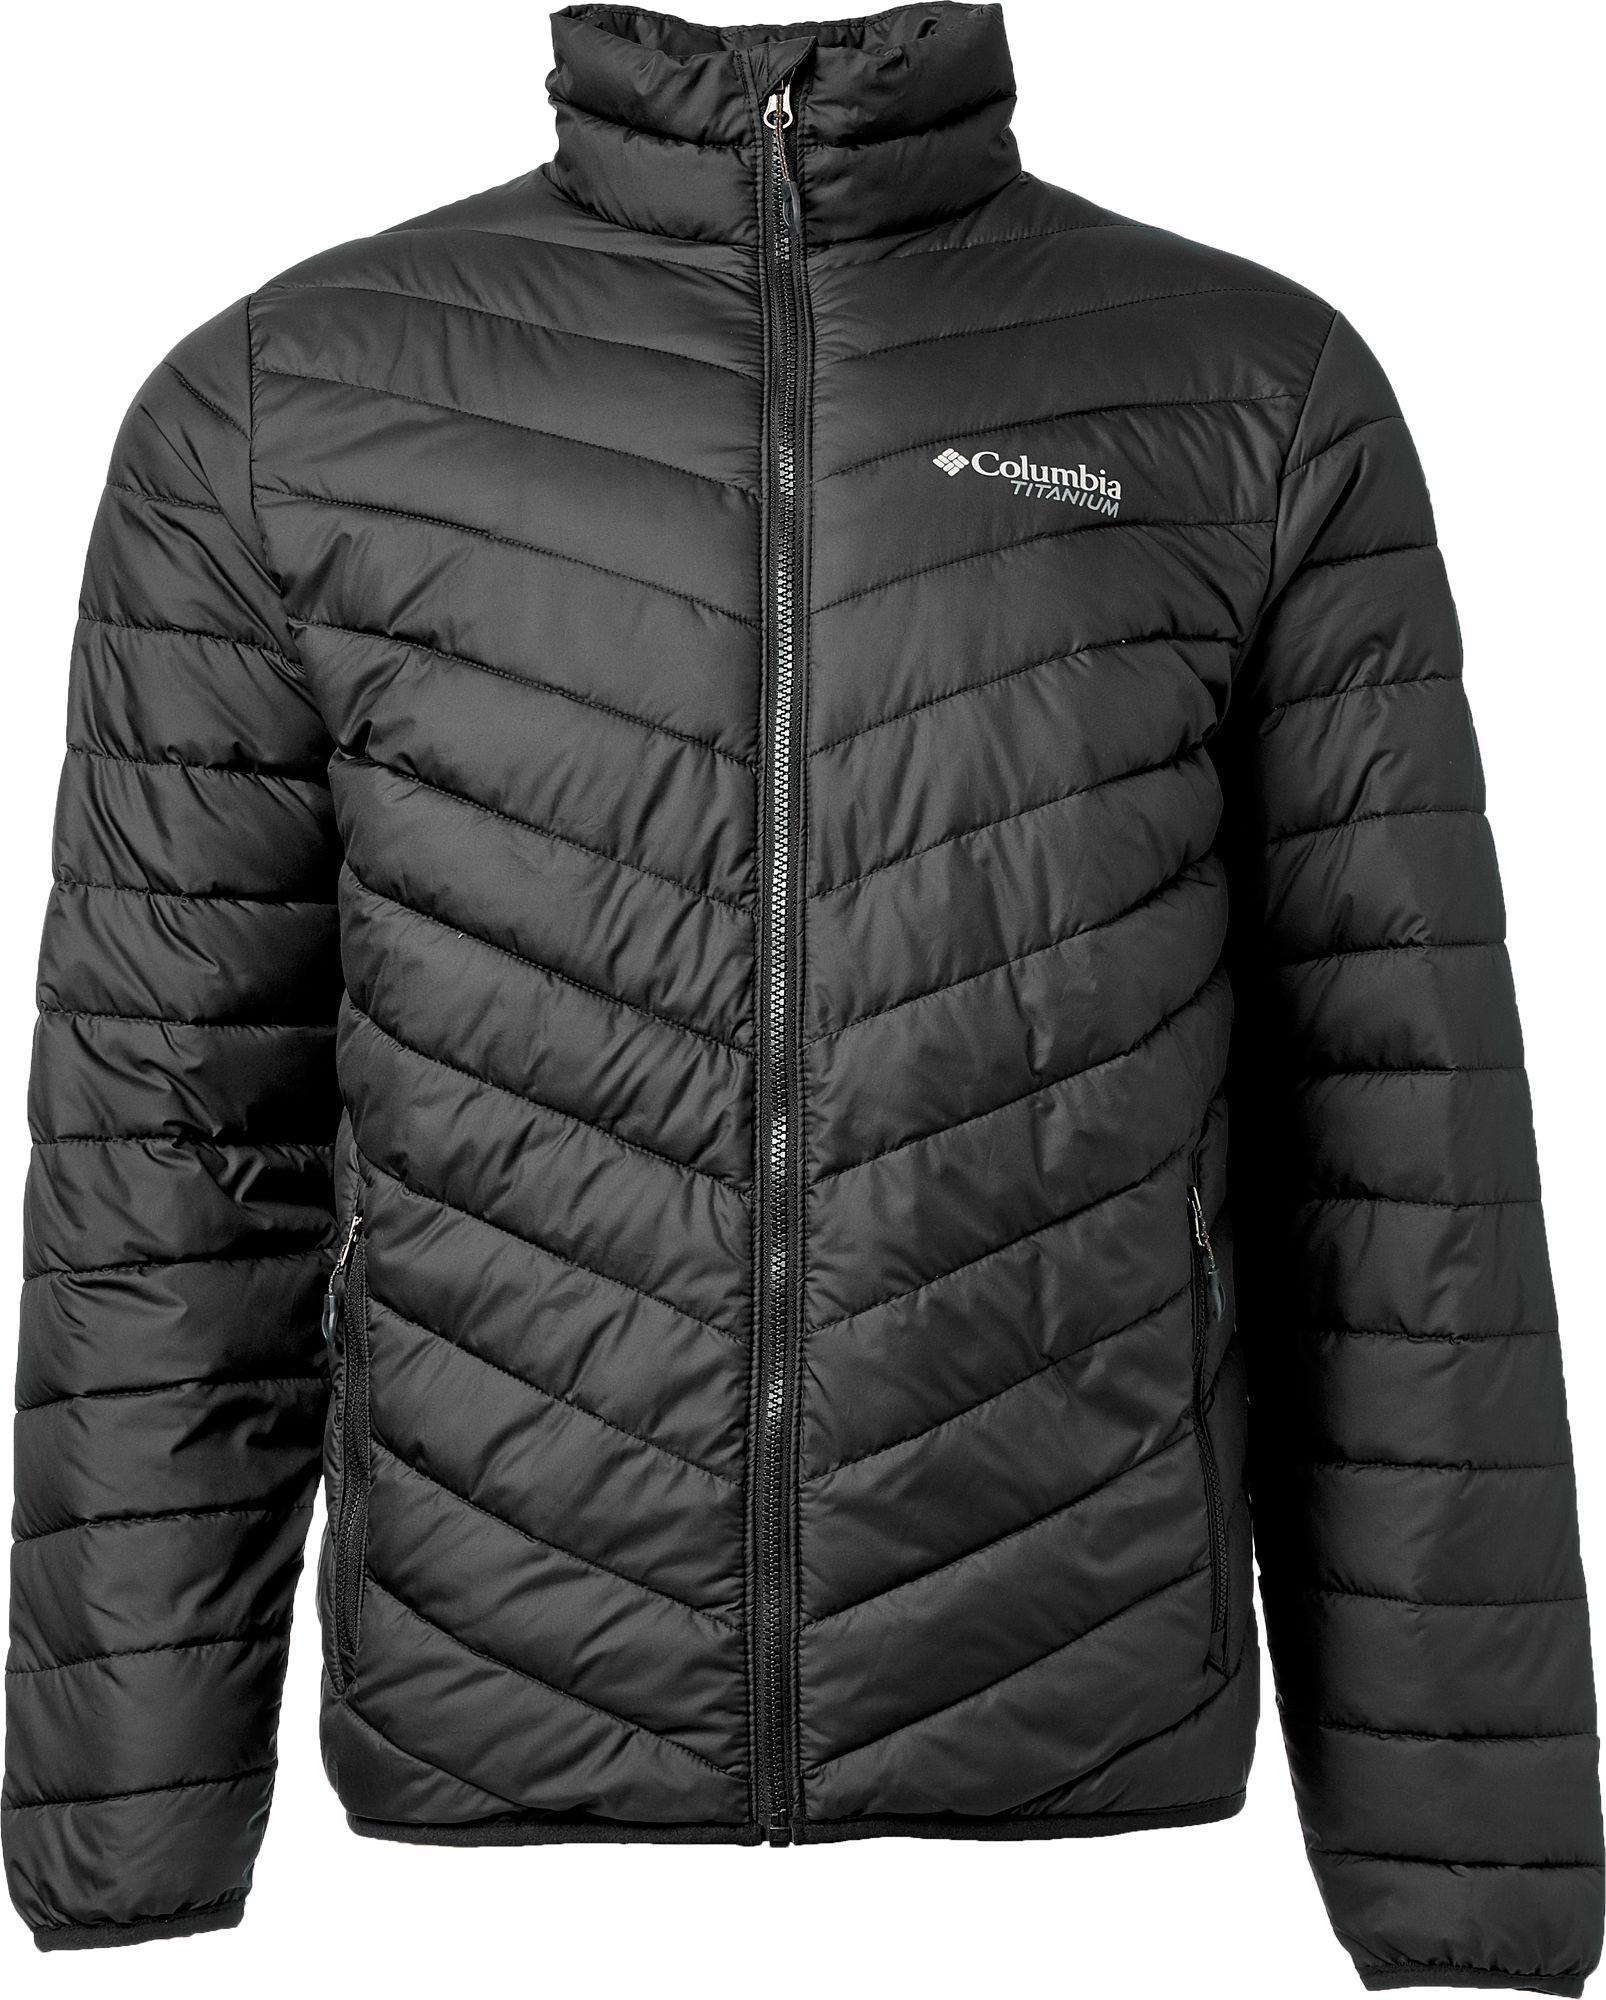 Lyst - Columbia Titanium Valley Ridge Jacket in Black for Men